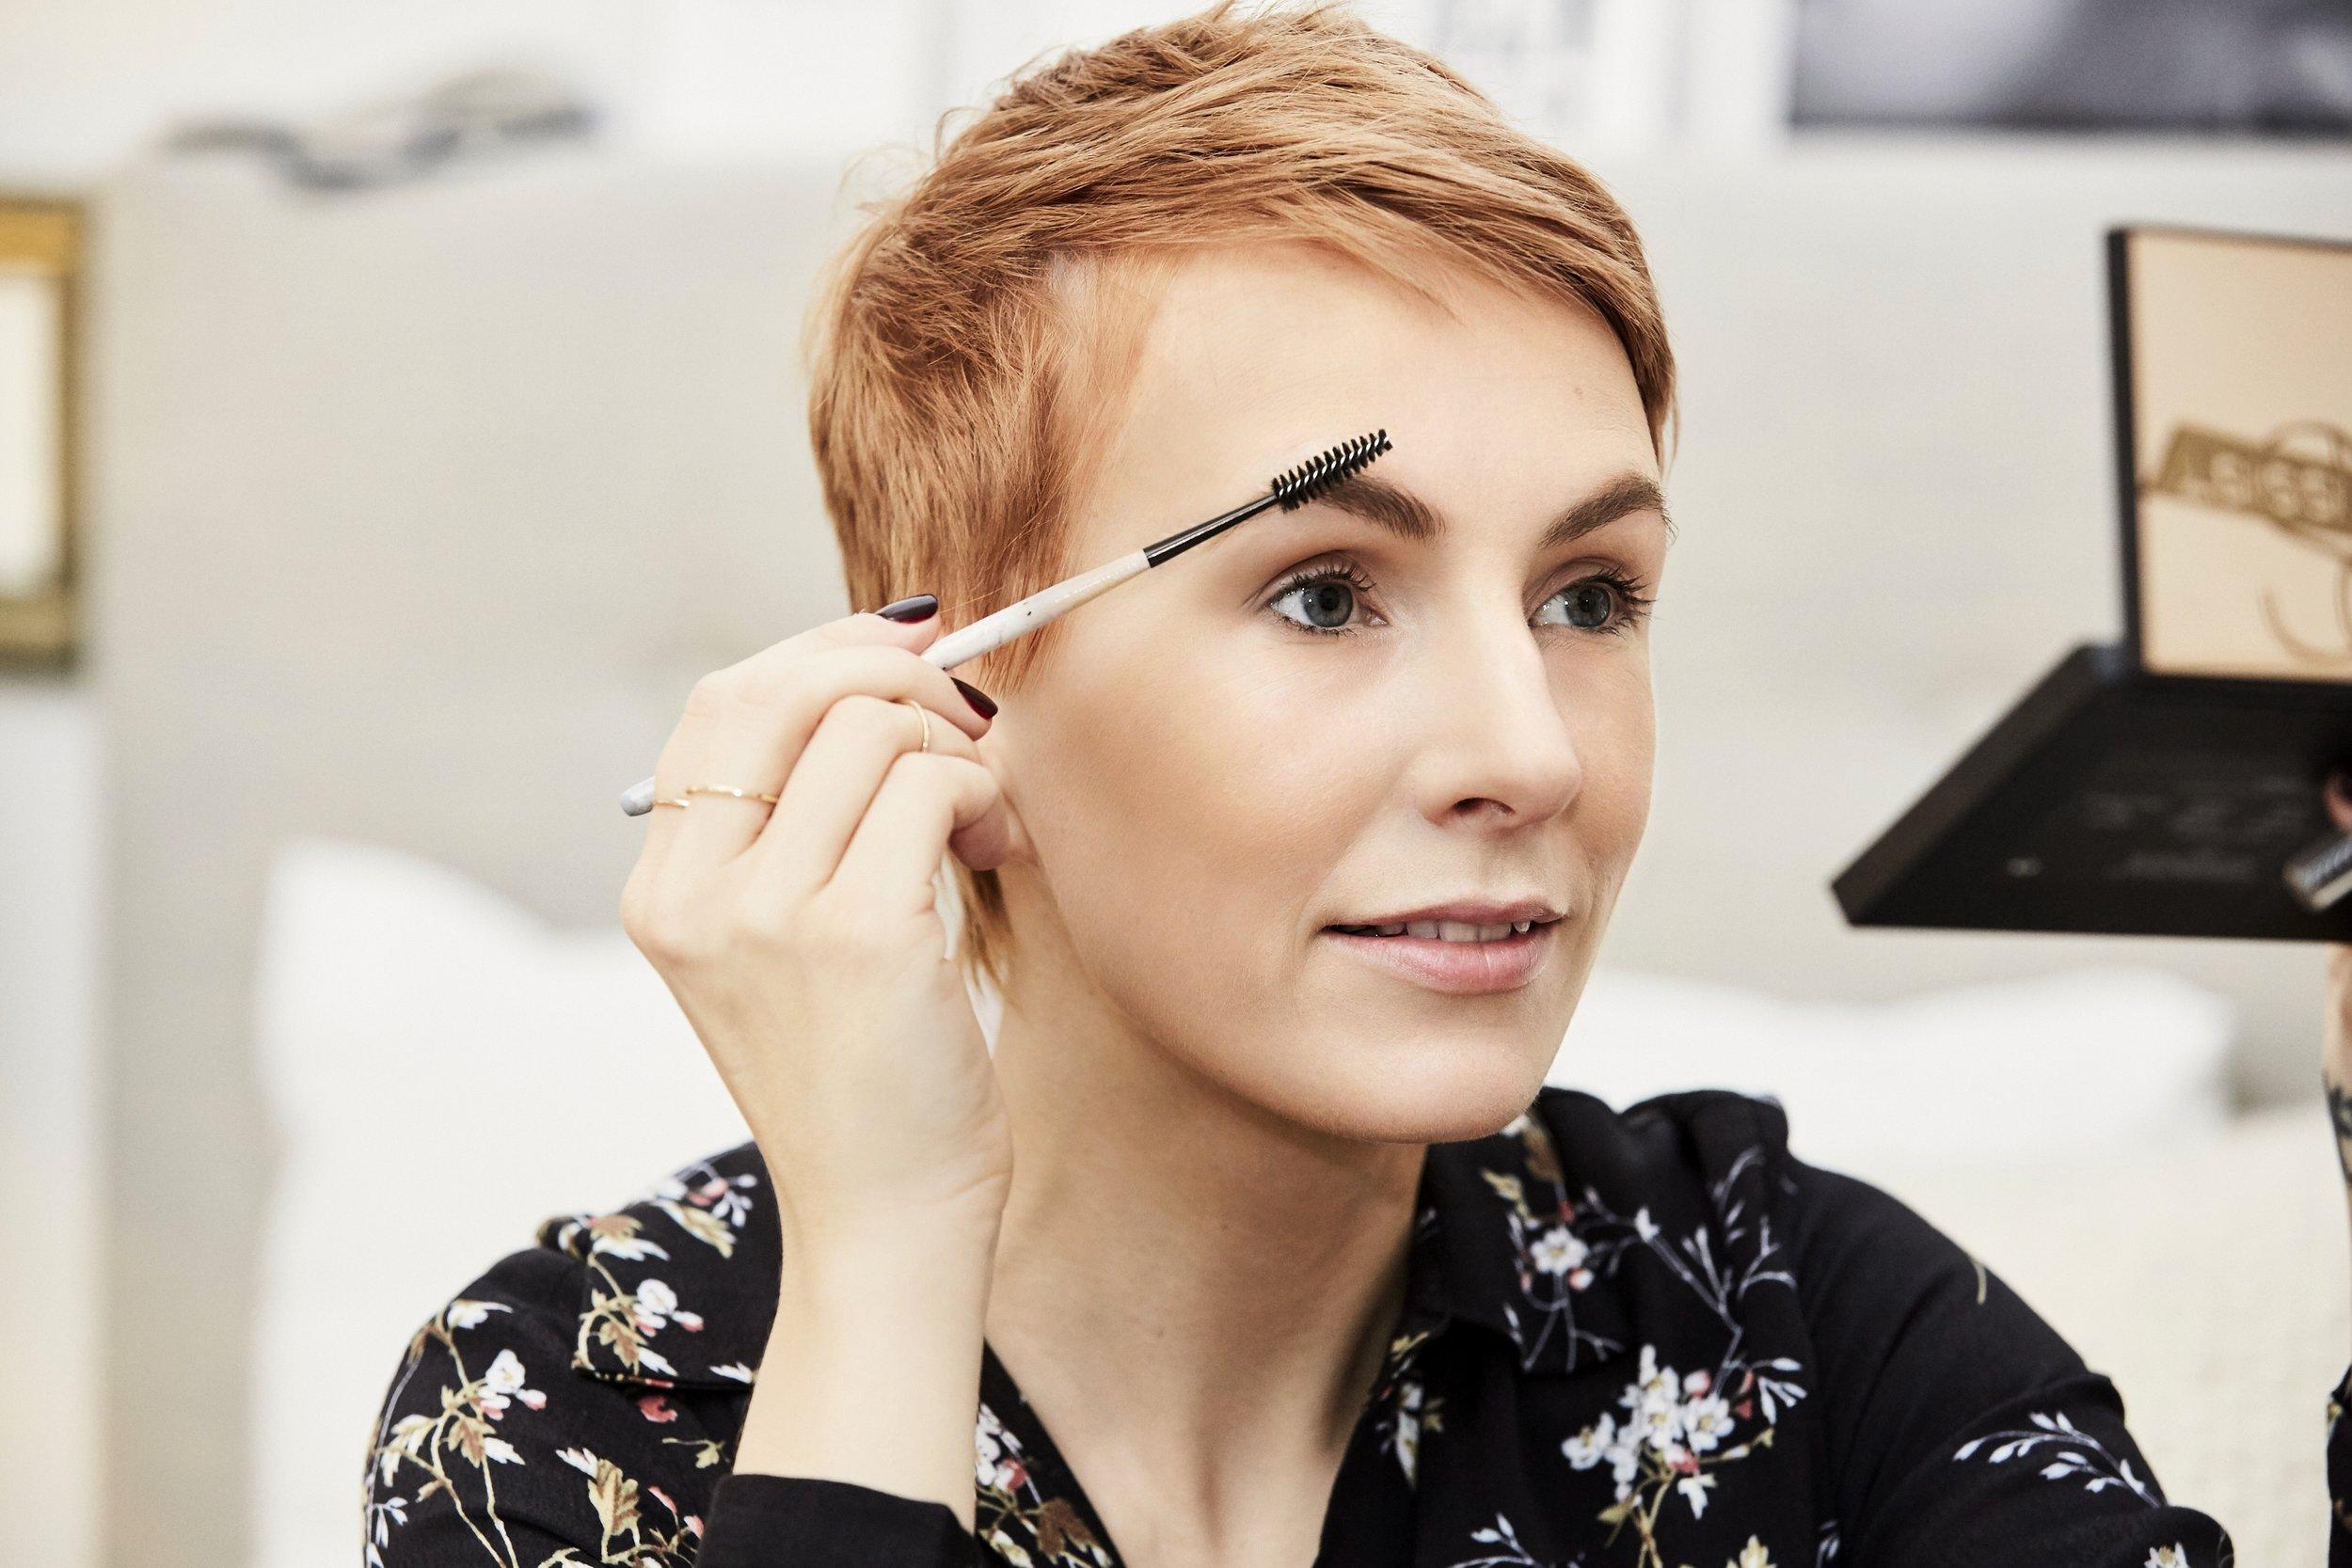 STEP 3 - Als nächstes kämme ich überschüssiges Puder aus den Augenbrauen, bringe sie in Form und fülle Lücken mit einem Augenbrauenstift auf. Kleiner Tipp: wenn du sehr buschige Augenbrauen hast, einfach etwas Haarspray oder Spraywax auf das Bürstchen sprühen und noch mal in Form kämmen.